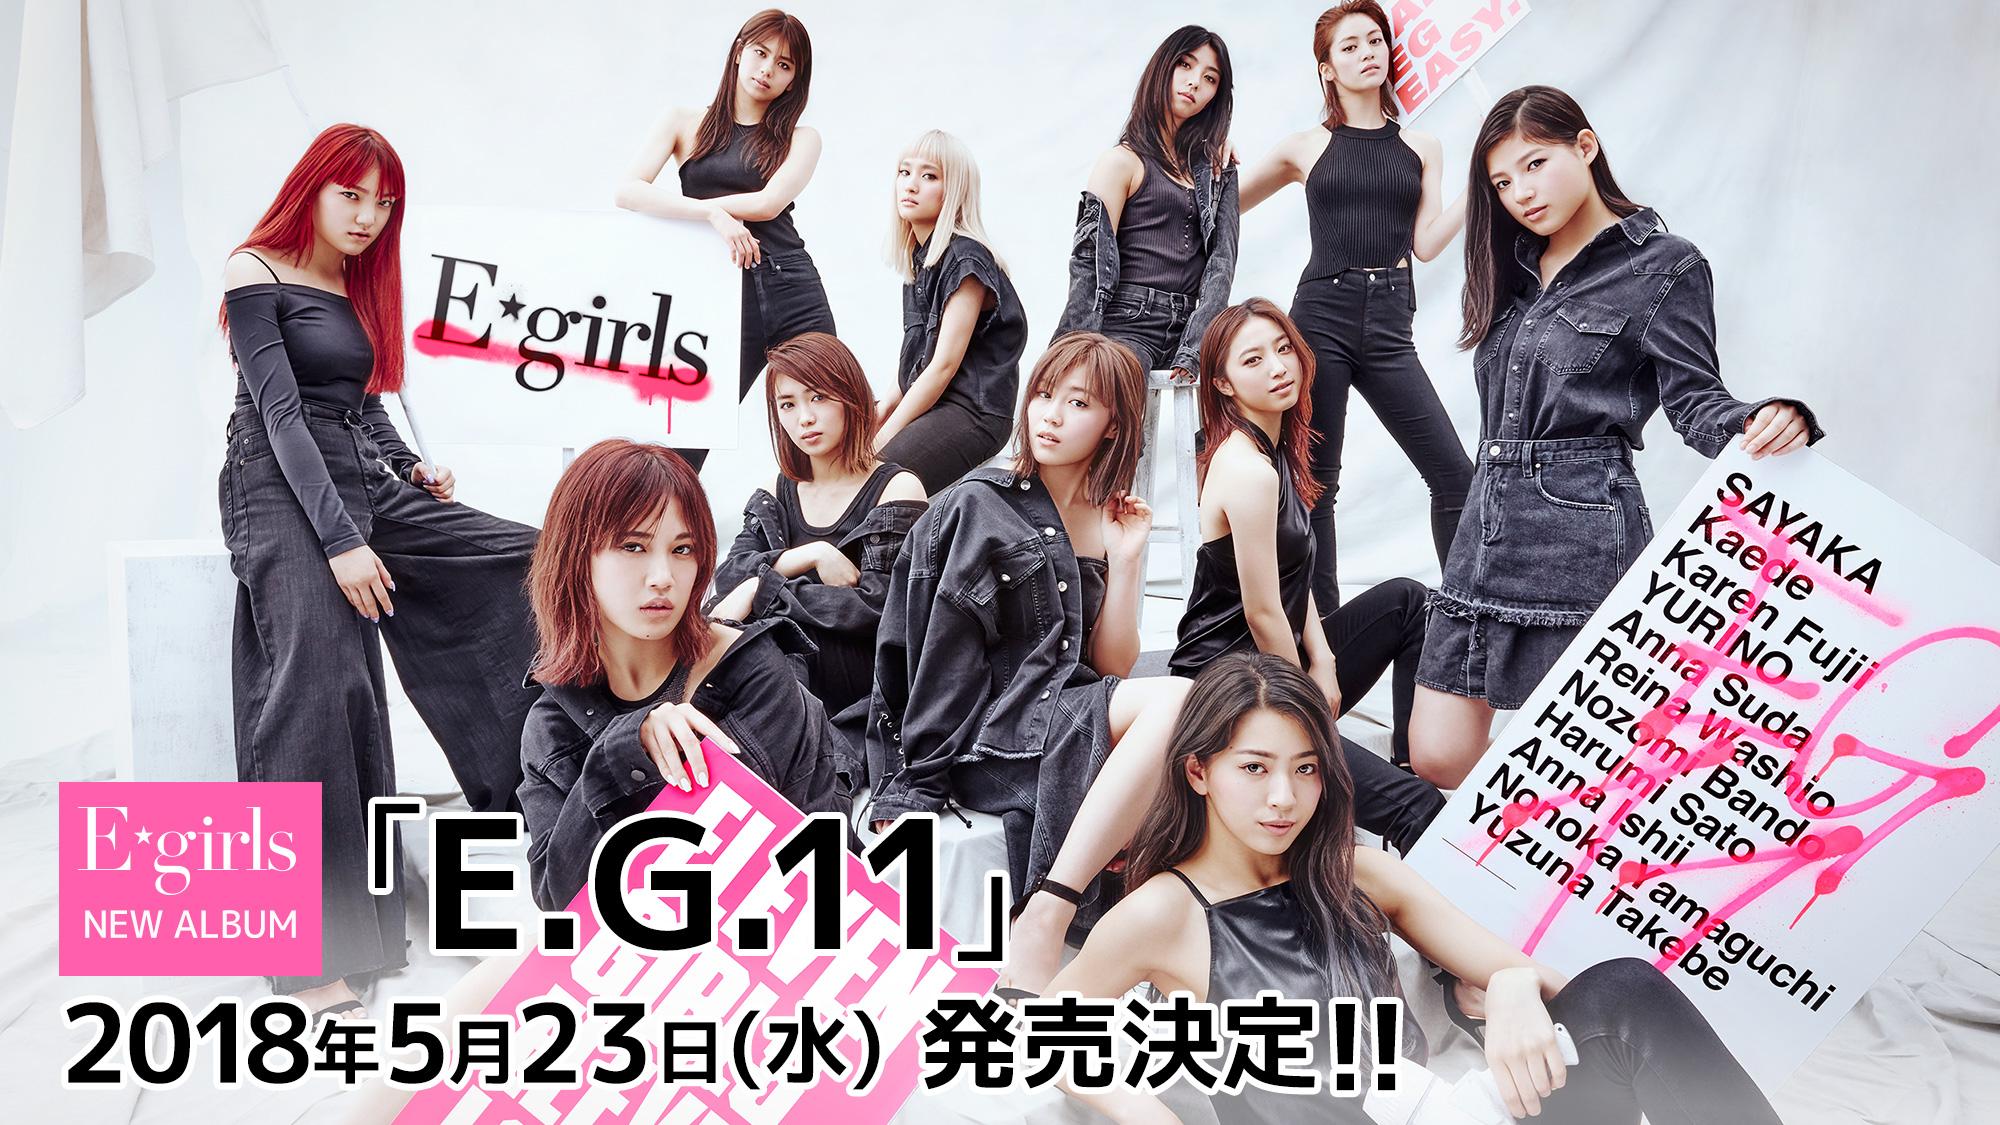 E Girls 壁紙 高画質 Wallpaper For You あなたのための壁紙最高品質